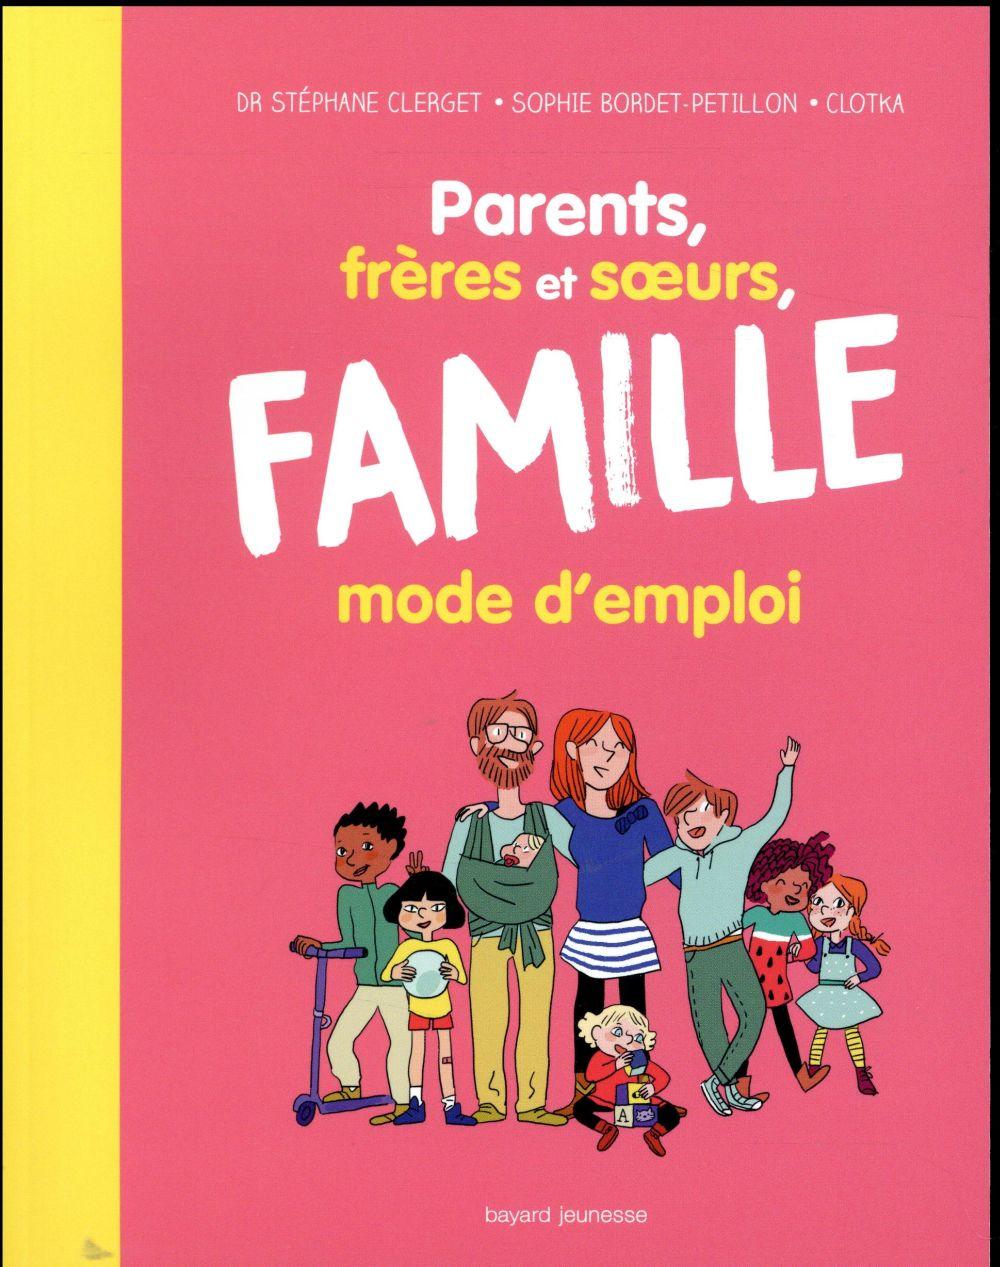 PARENTS, FRERES ET SOEURS, FAMILLE (ELARGIE) MODE D'EMPLOI